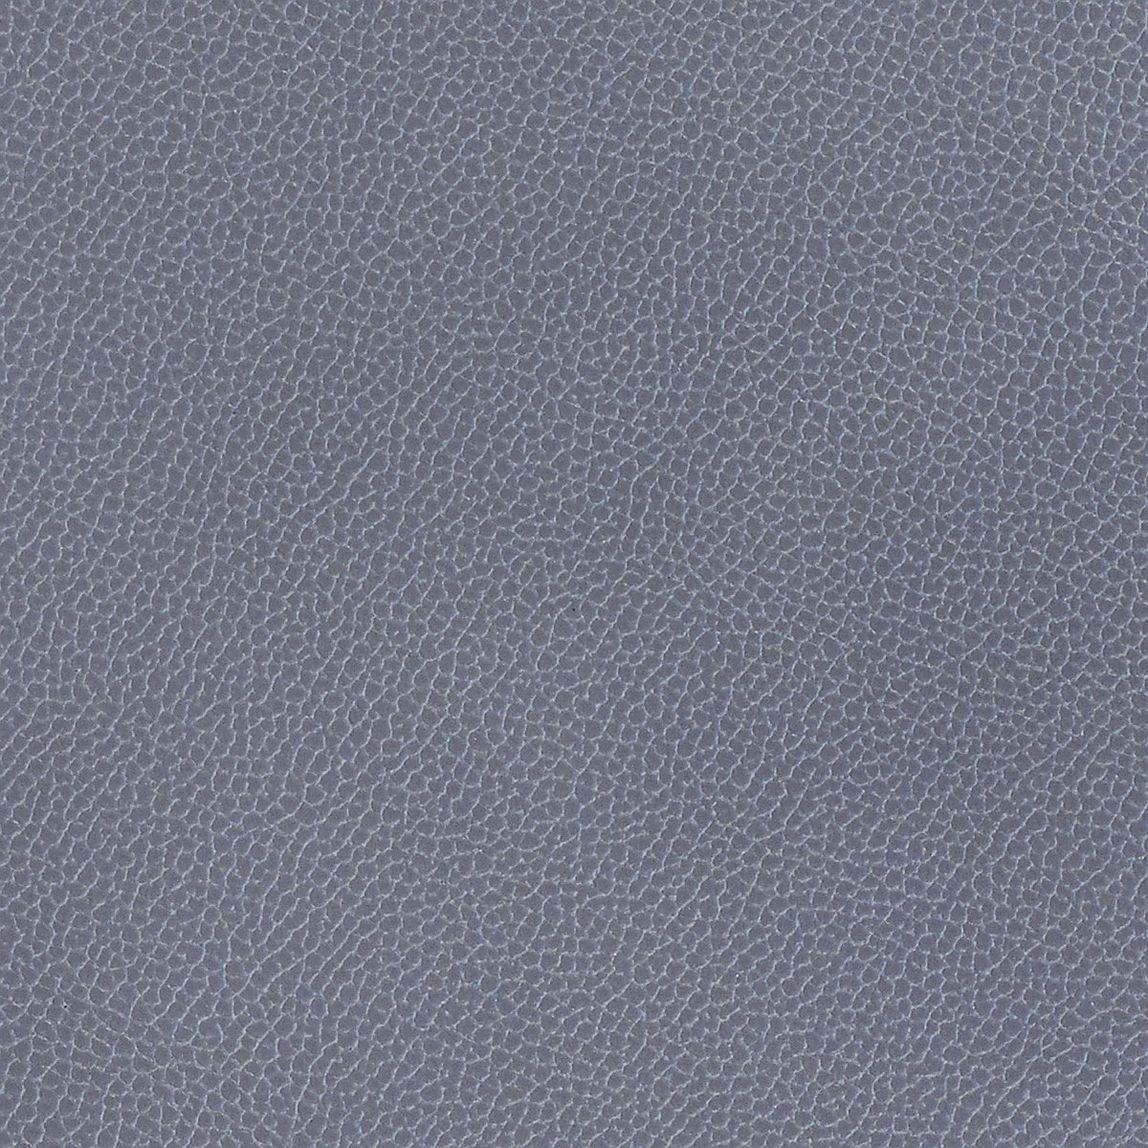 Silica Leather Denim Swatch